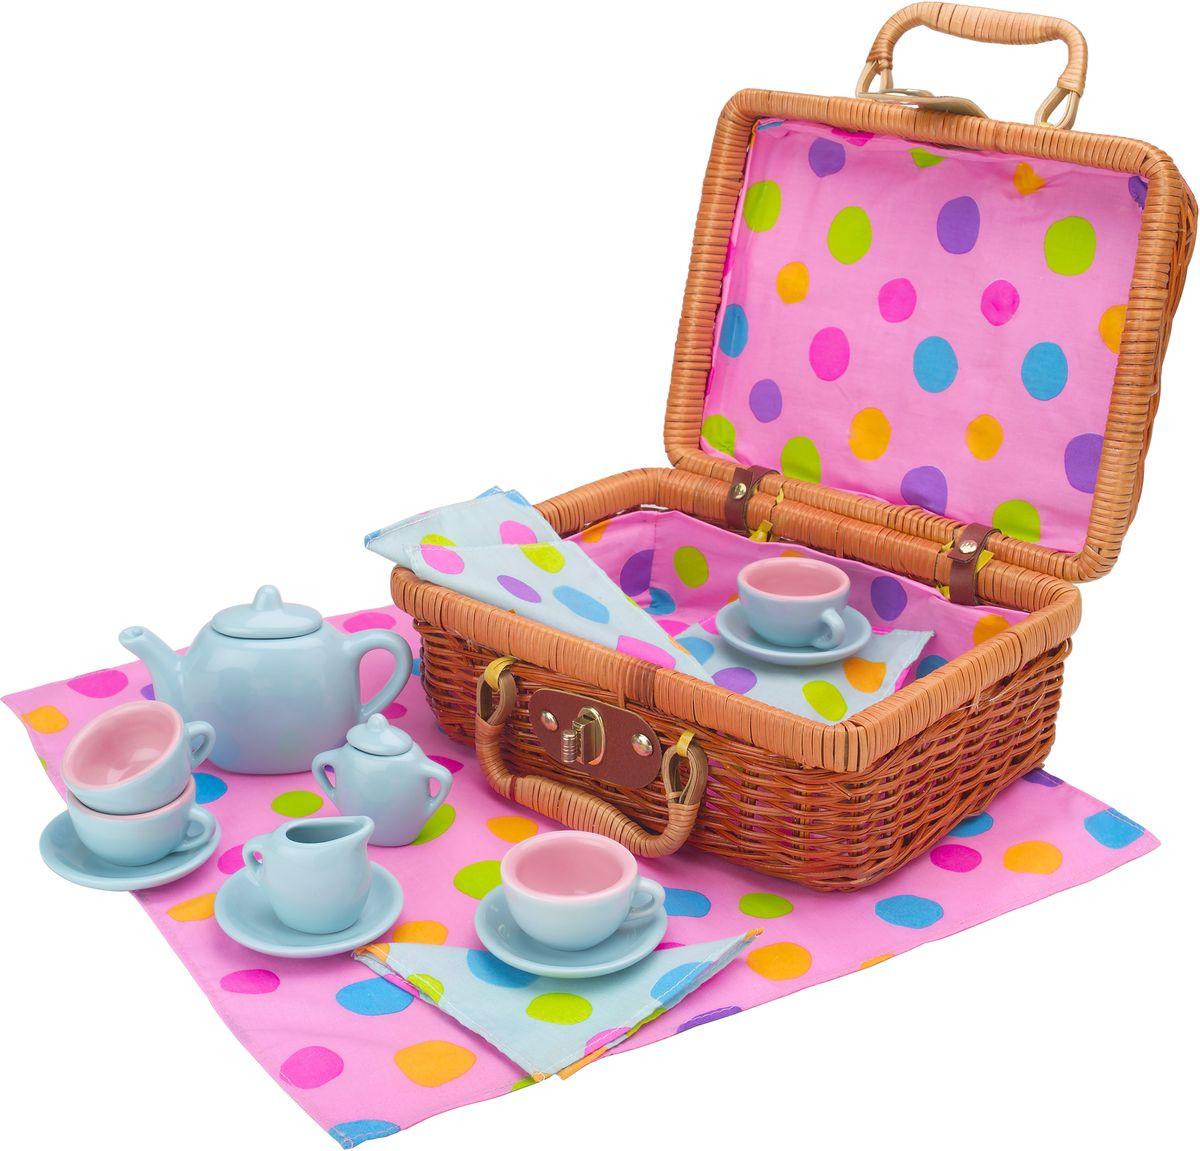 Alex Игровой набор посуды Чайный сервиз 18 предметов плетеную корзину из лозы для подарков